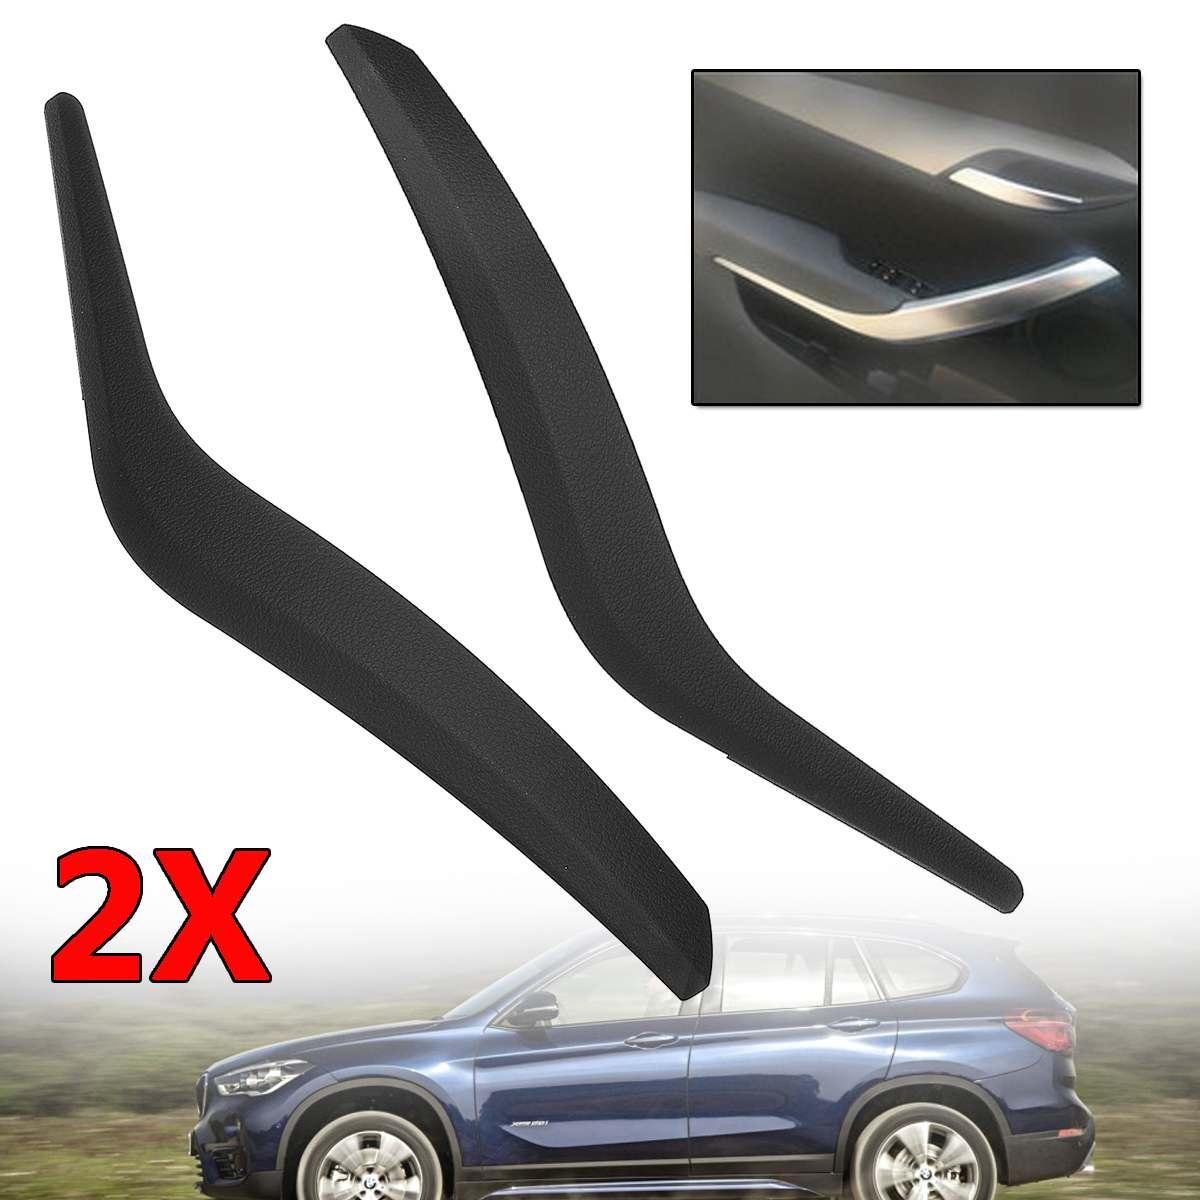 Poignées de carte de porte intérieure avant/arrière gauche/droite de voiture noire poignées de porte de traction en plastique pour BMW X1 E84 2010-16